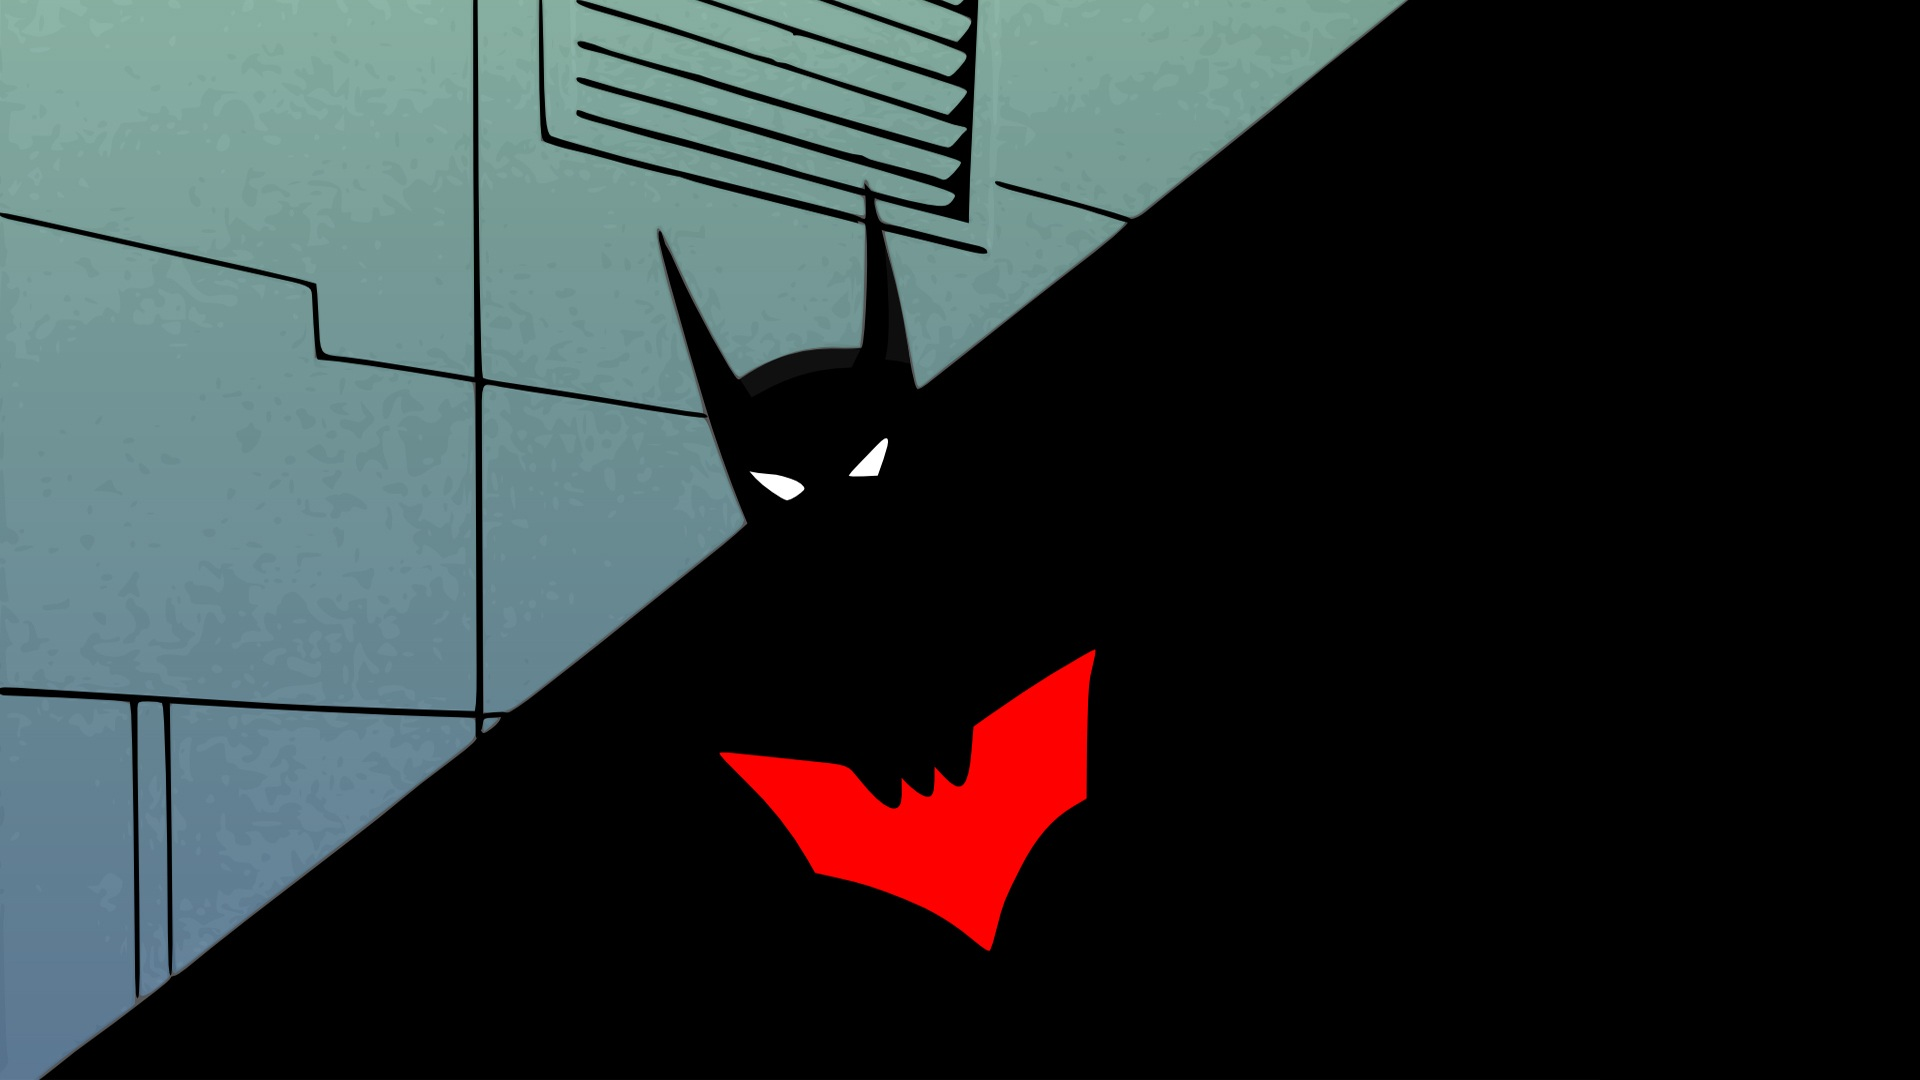 Batman Beyond HD Wallpaper | Background Image | 1920x1080 ...